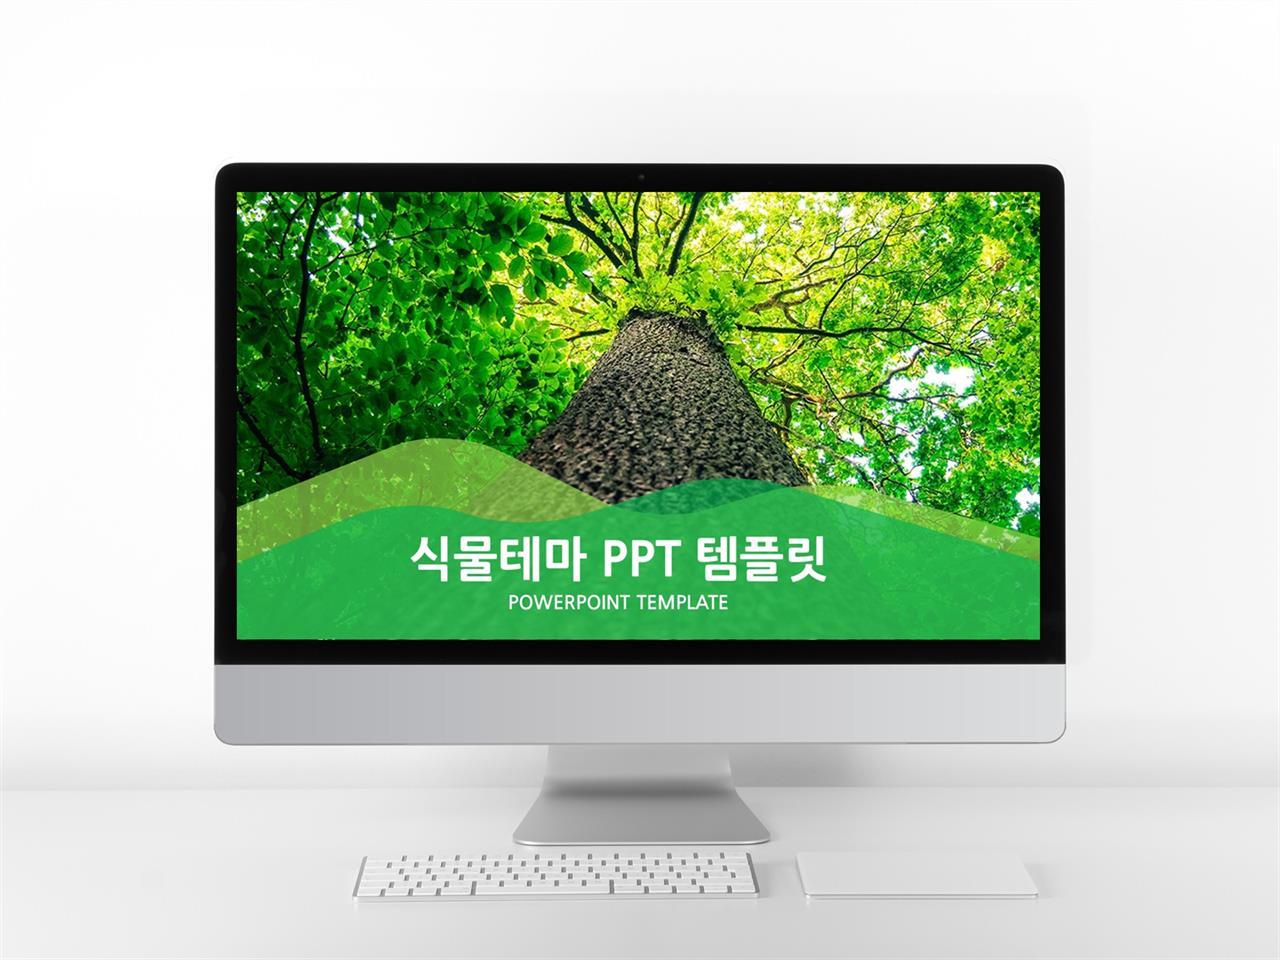 동식물, 애완동물 풀색 아담한 다양한 주제에 어울리는 피피티템플릿 디자인 미리보기